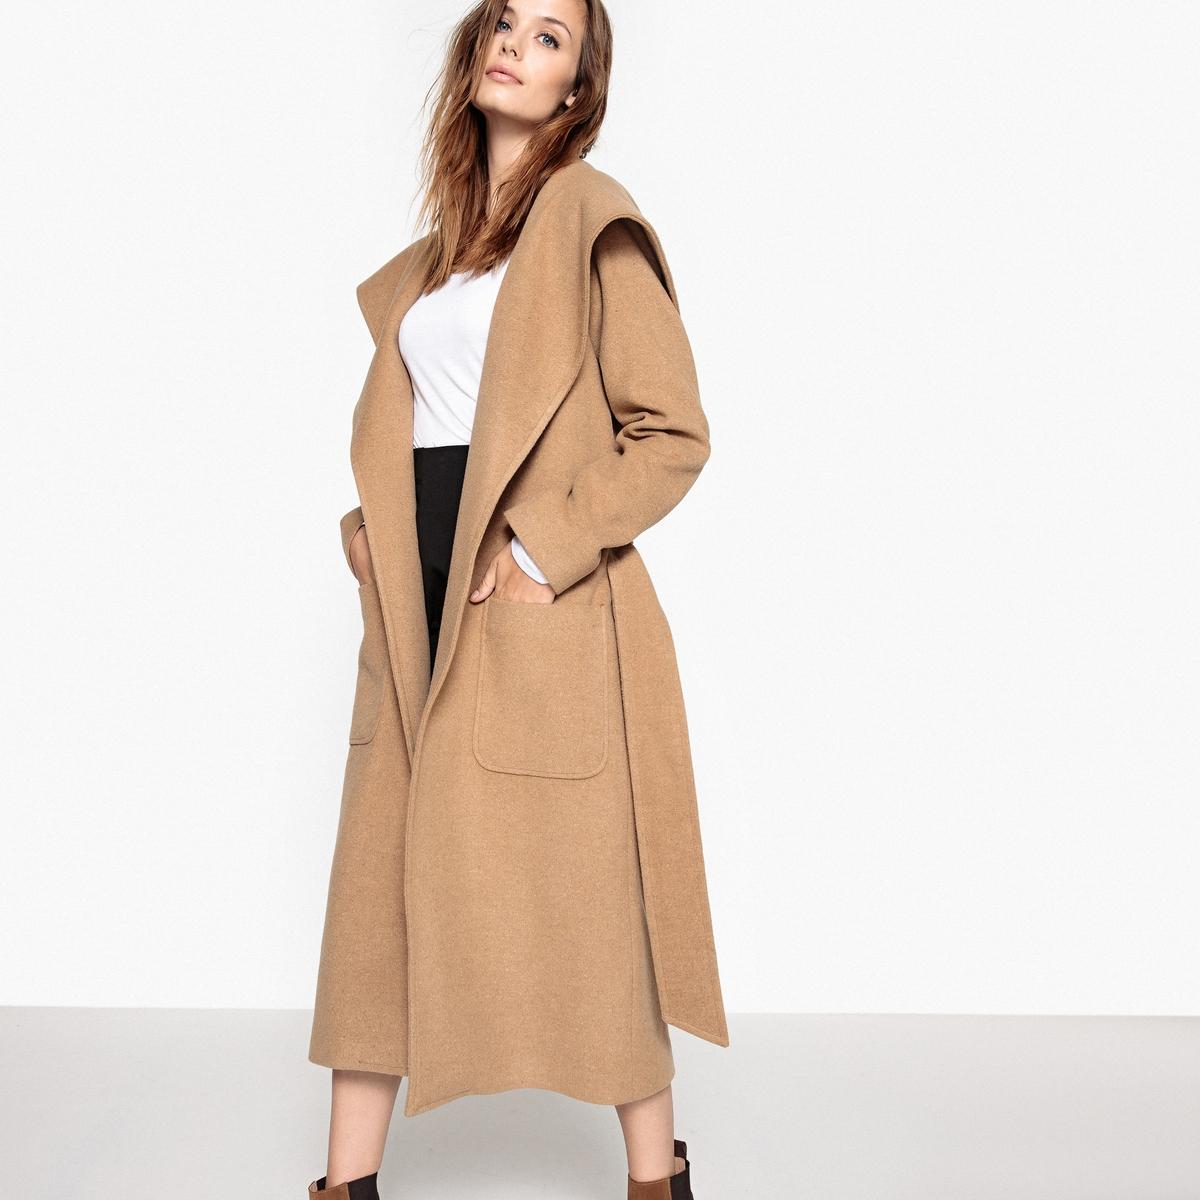 Пальто с капюшоном из шерстяного драпа пальто зимнее из шерстяного драпа